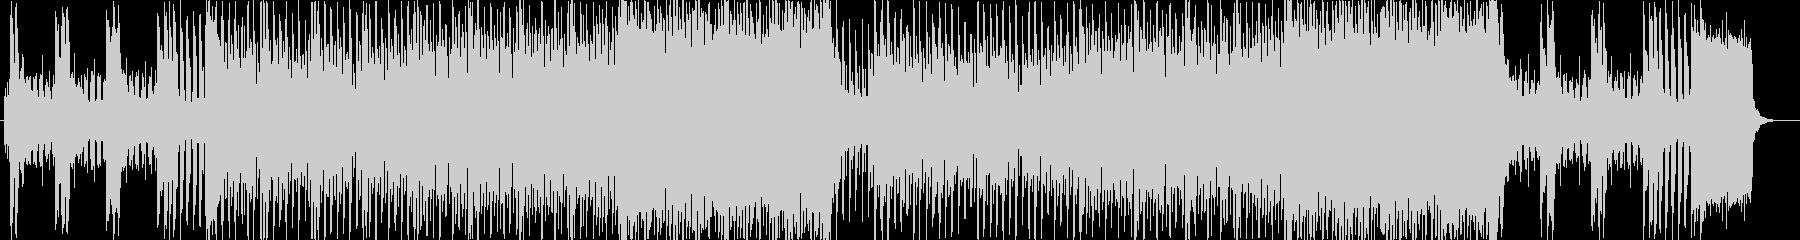 ピアノイントロ、キラキラしたJPOP風aの未再生の波形